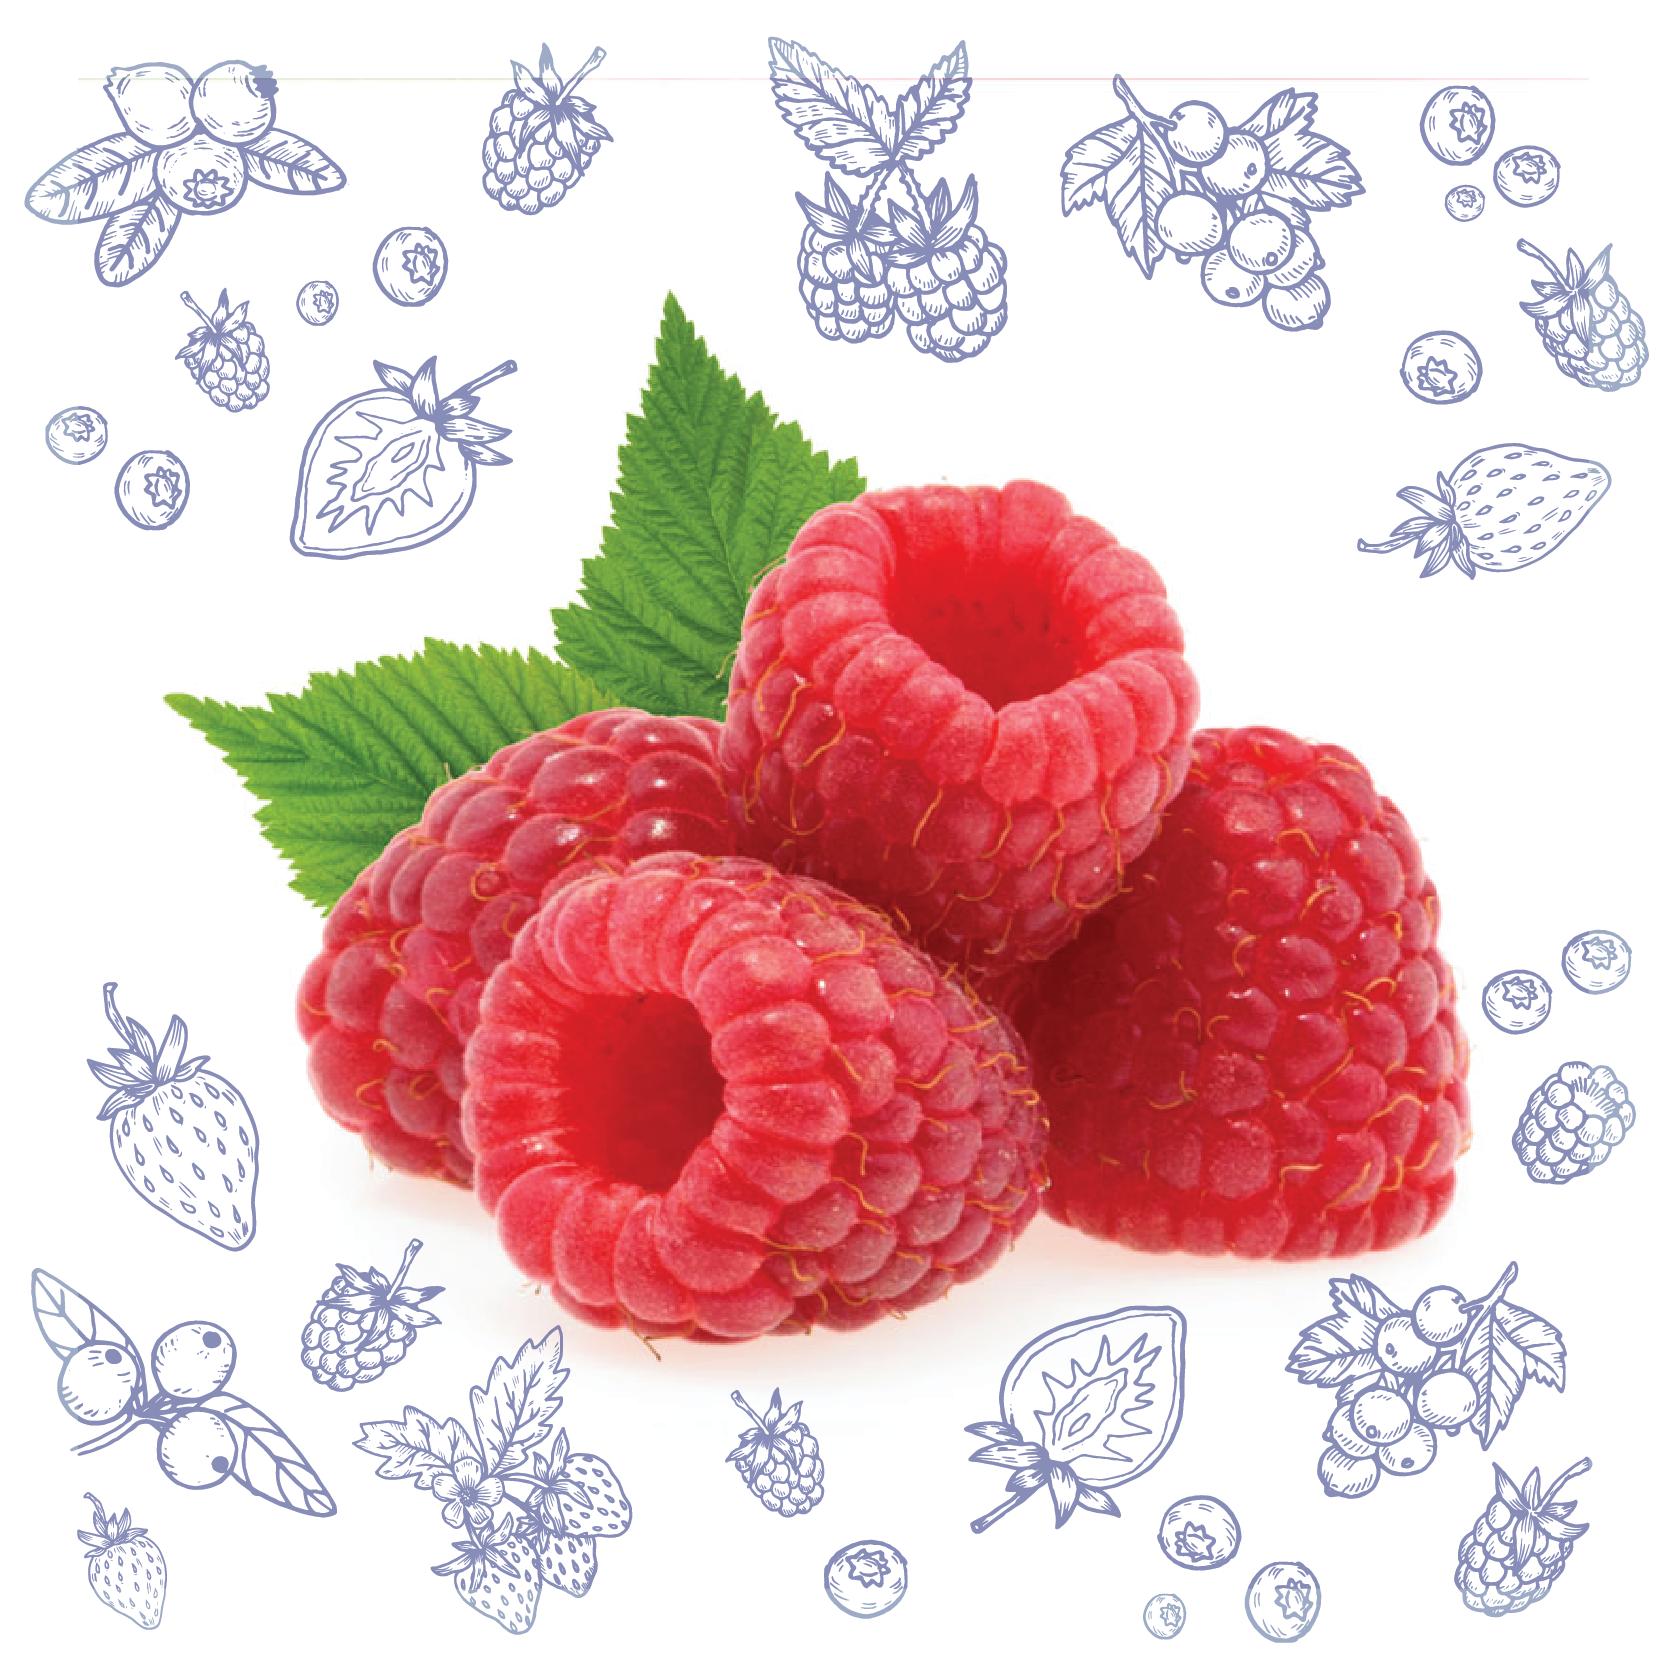 Polarica-Berries-raspberry